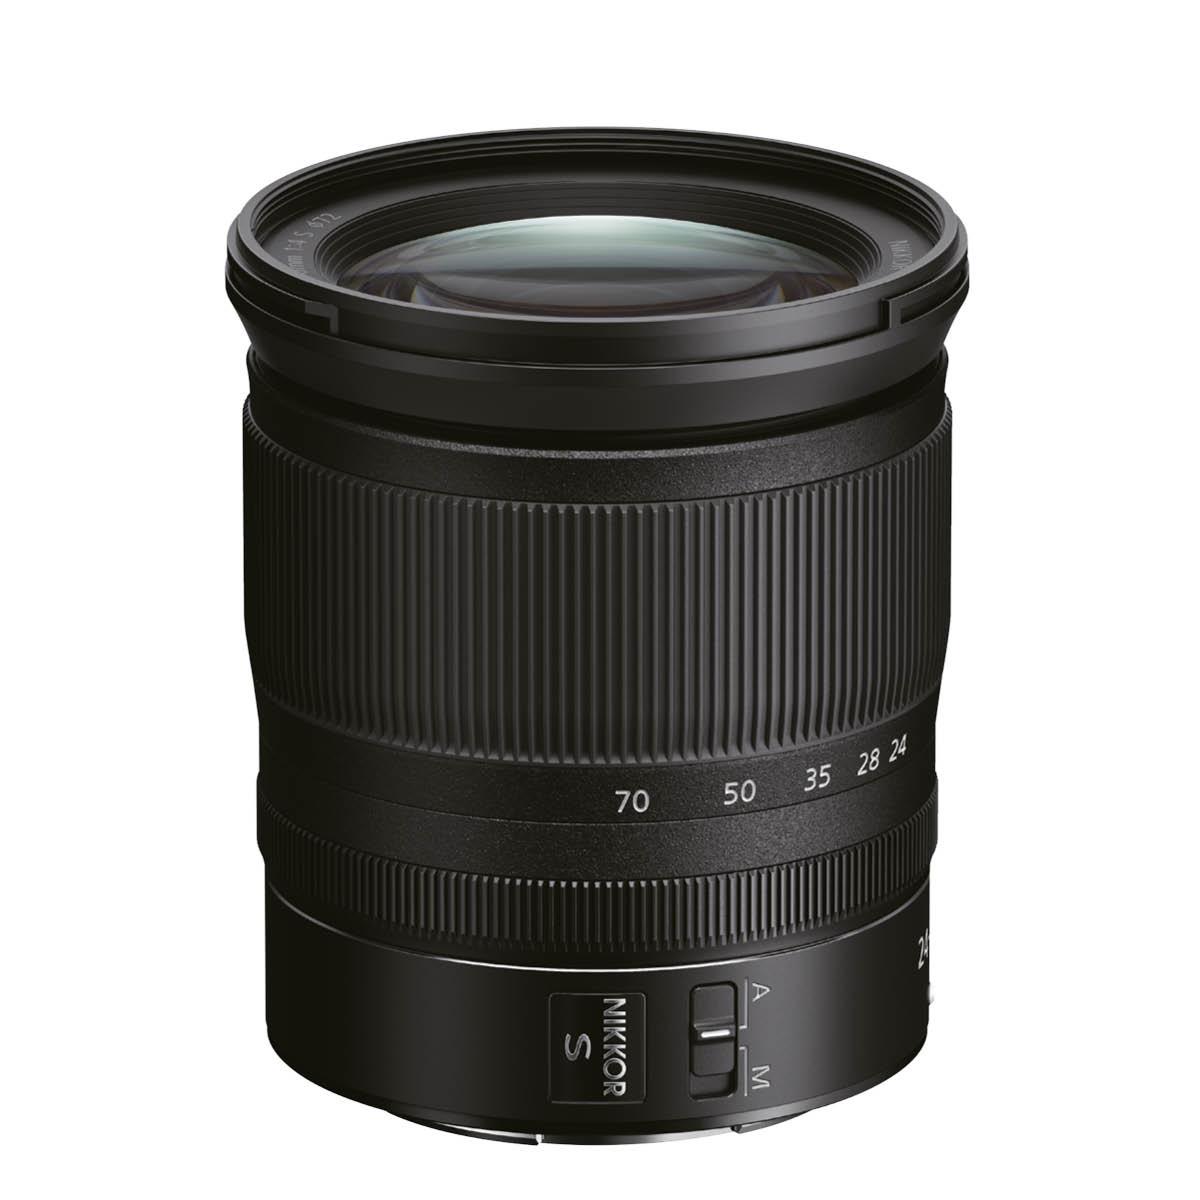 Nikon 24-70 mm 1:4,0 Z S